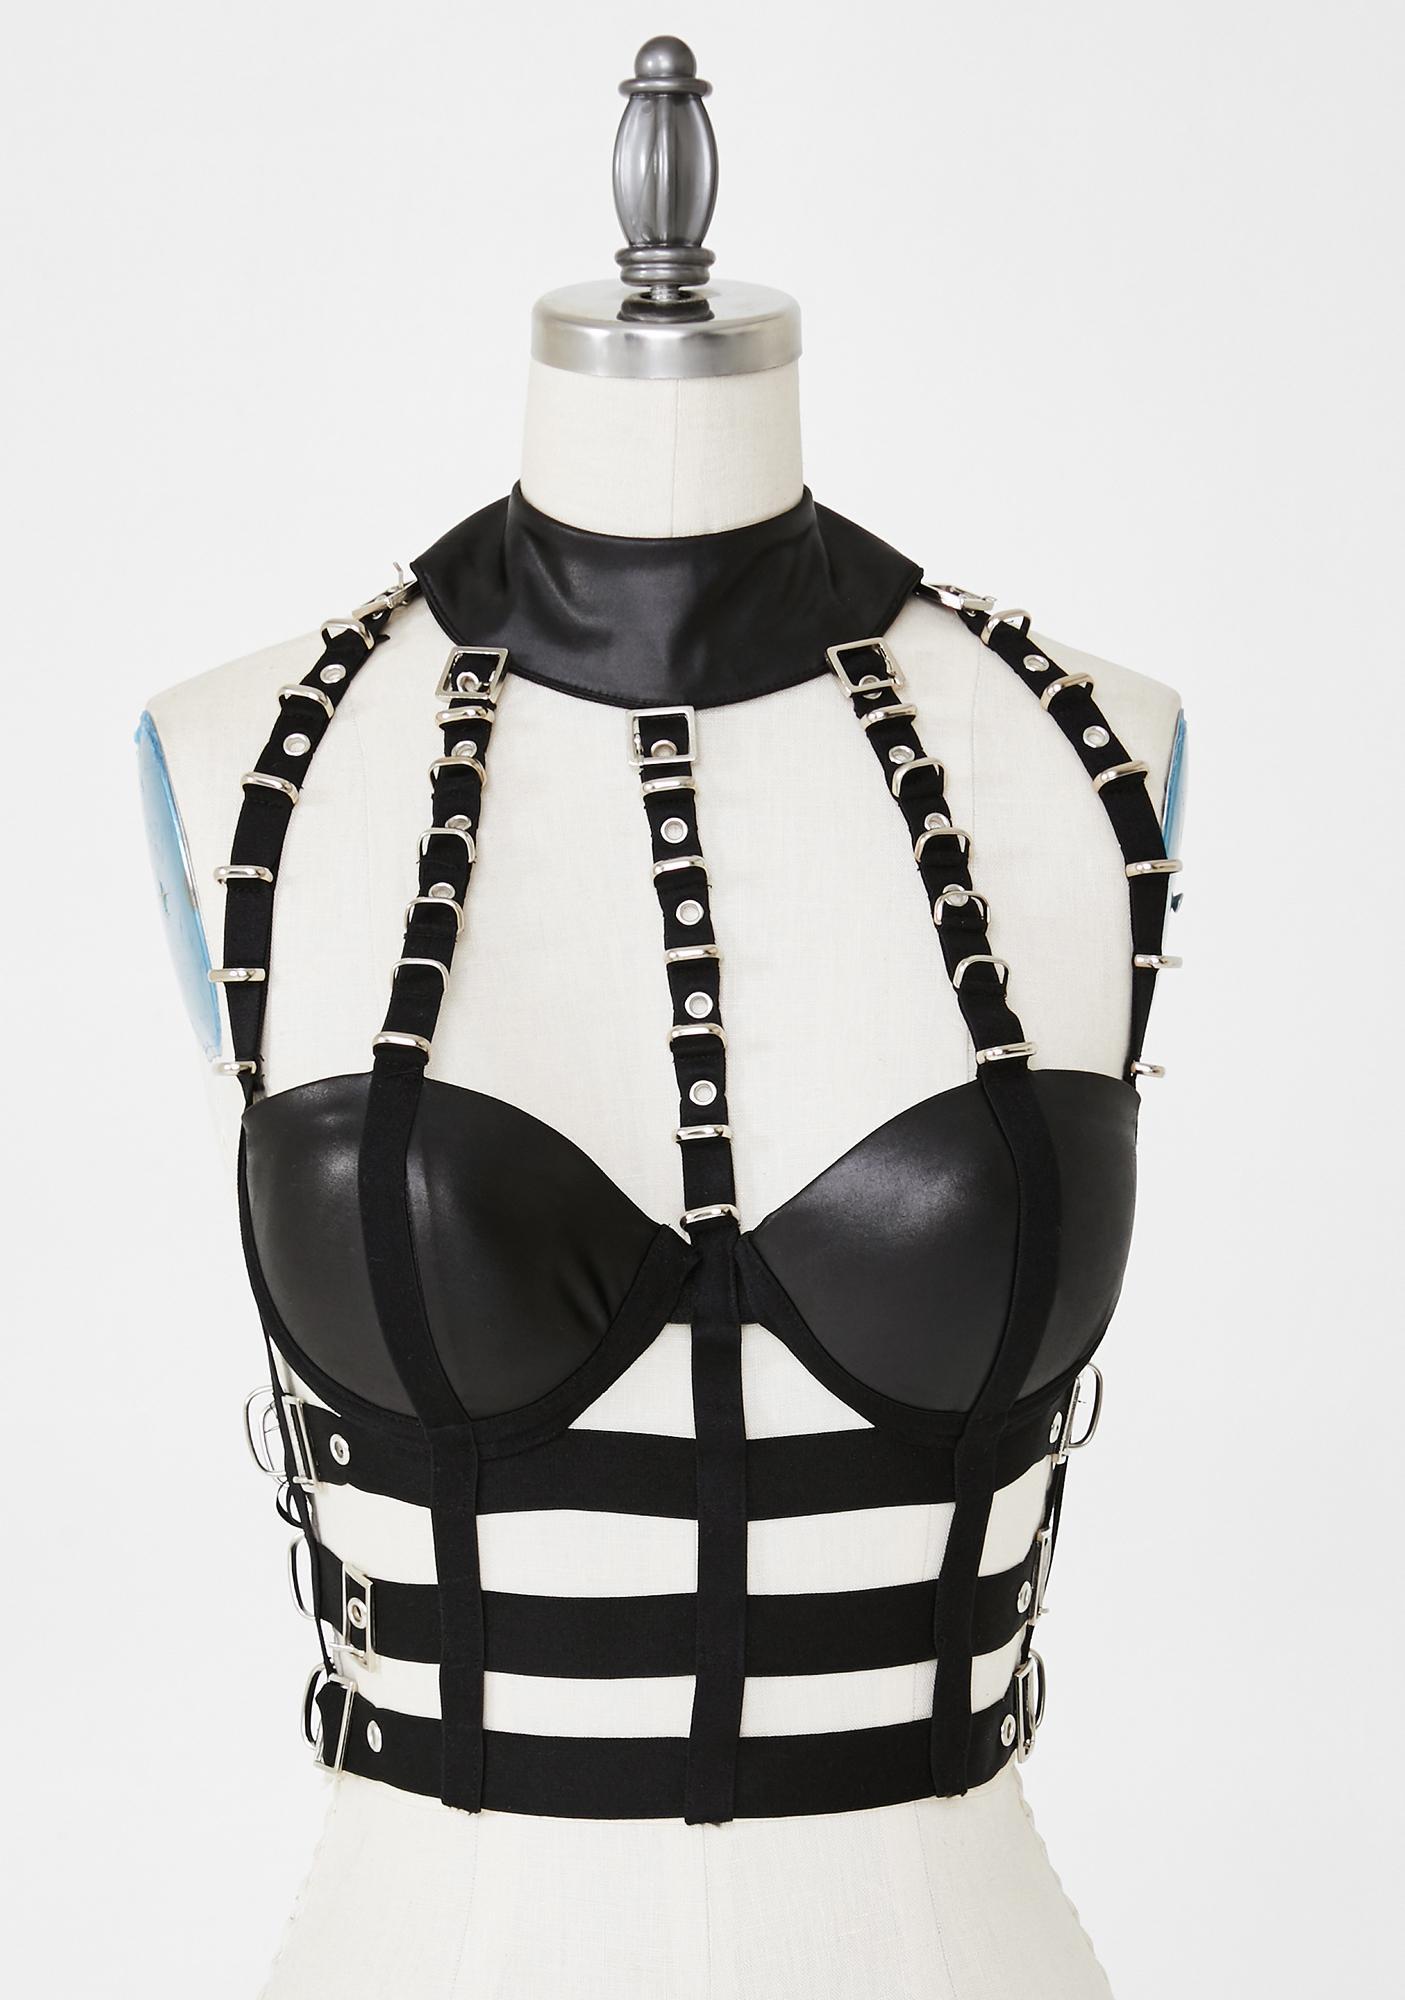 Kiki Riki Night Marauder Bustier Harness